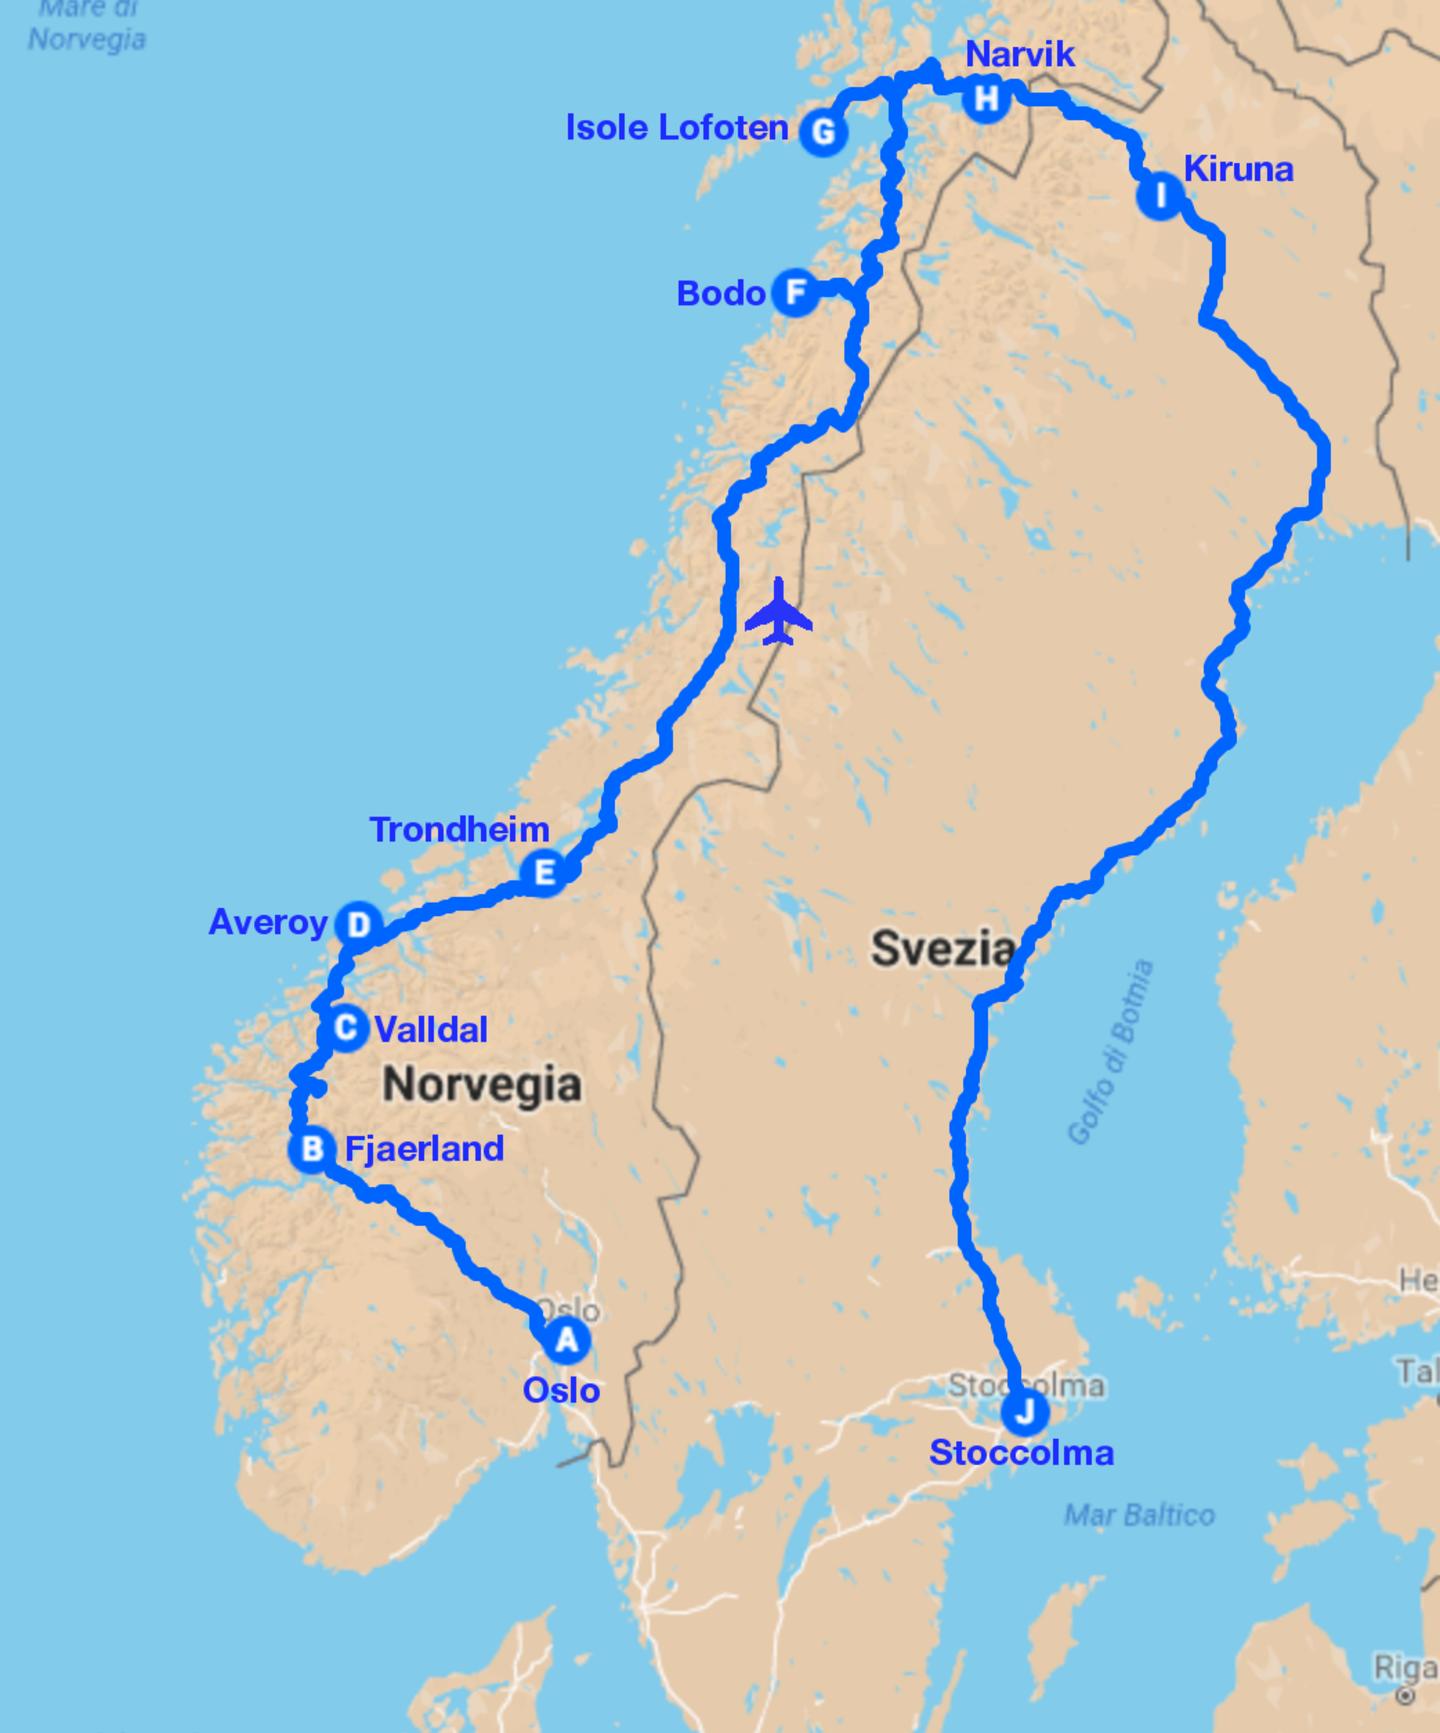 La Norvegia Cartina.Fly Drive Norvegia Dai Fiordi Alle Lofoten Tradizione E Design Norama Tour Operator